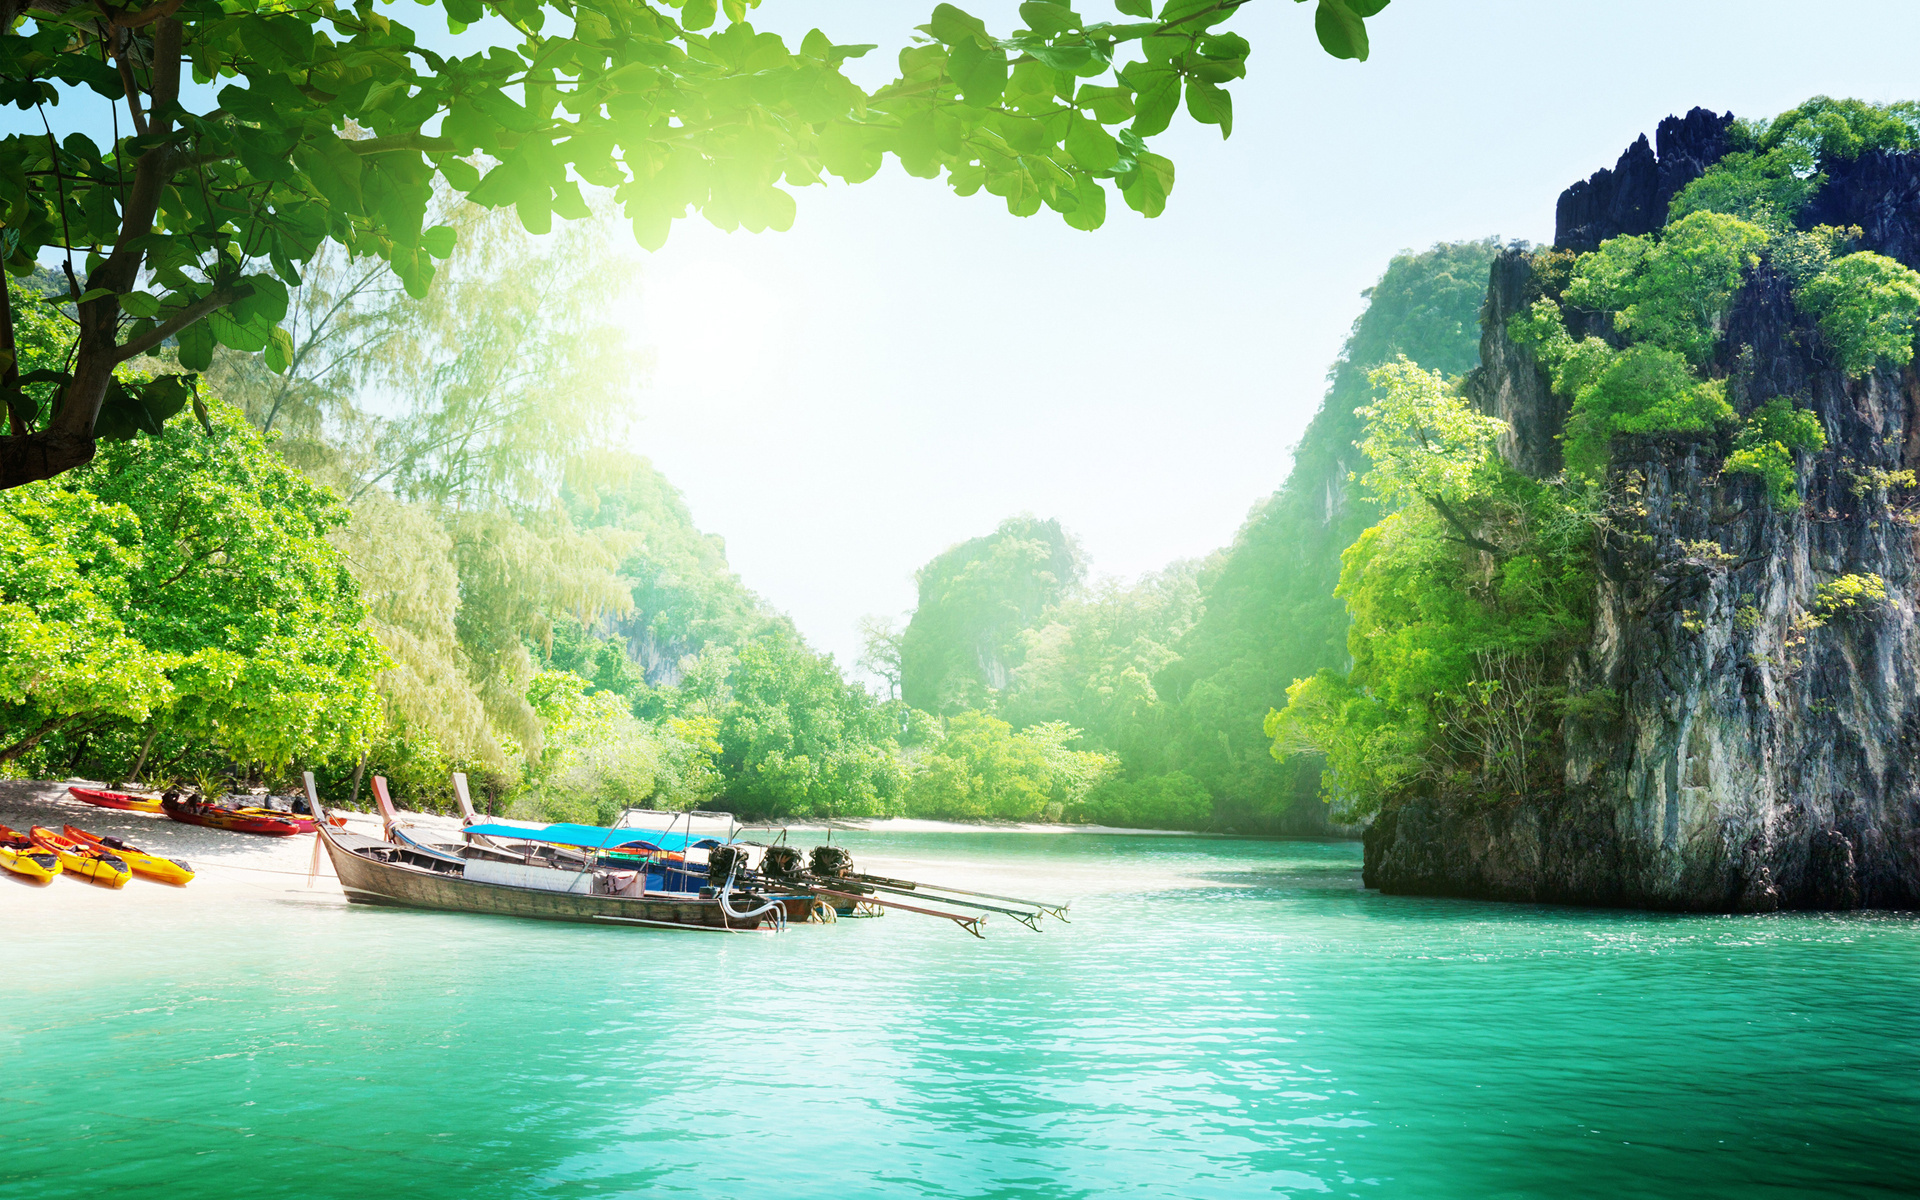 тайланд картинка хорошего качества совету